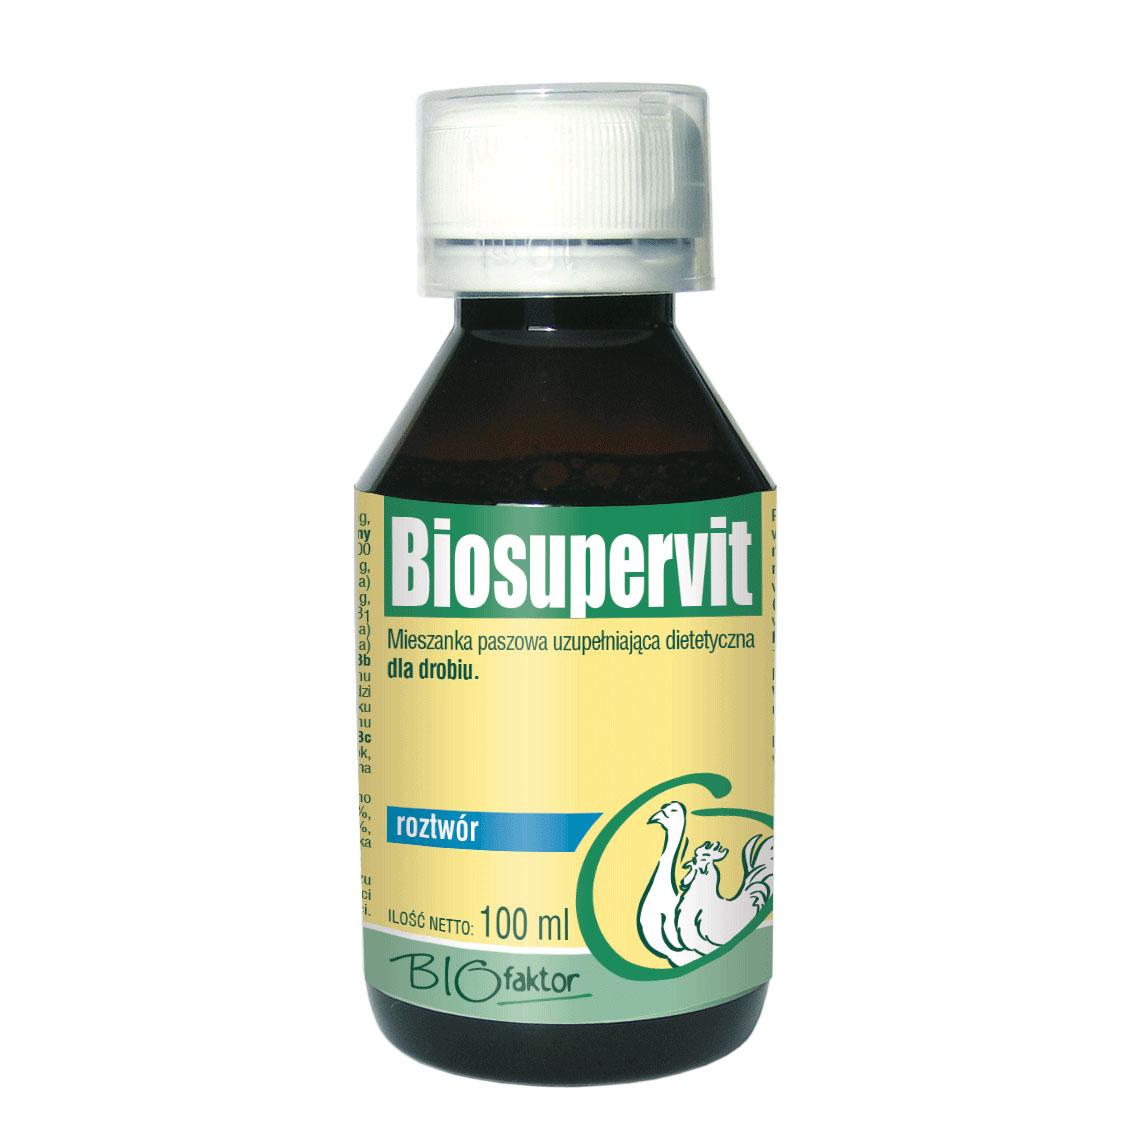 BIOSUPERVIT 100 ml witaminy i aminokwasy dla drobiu